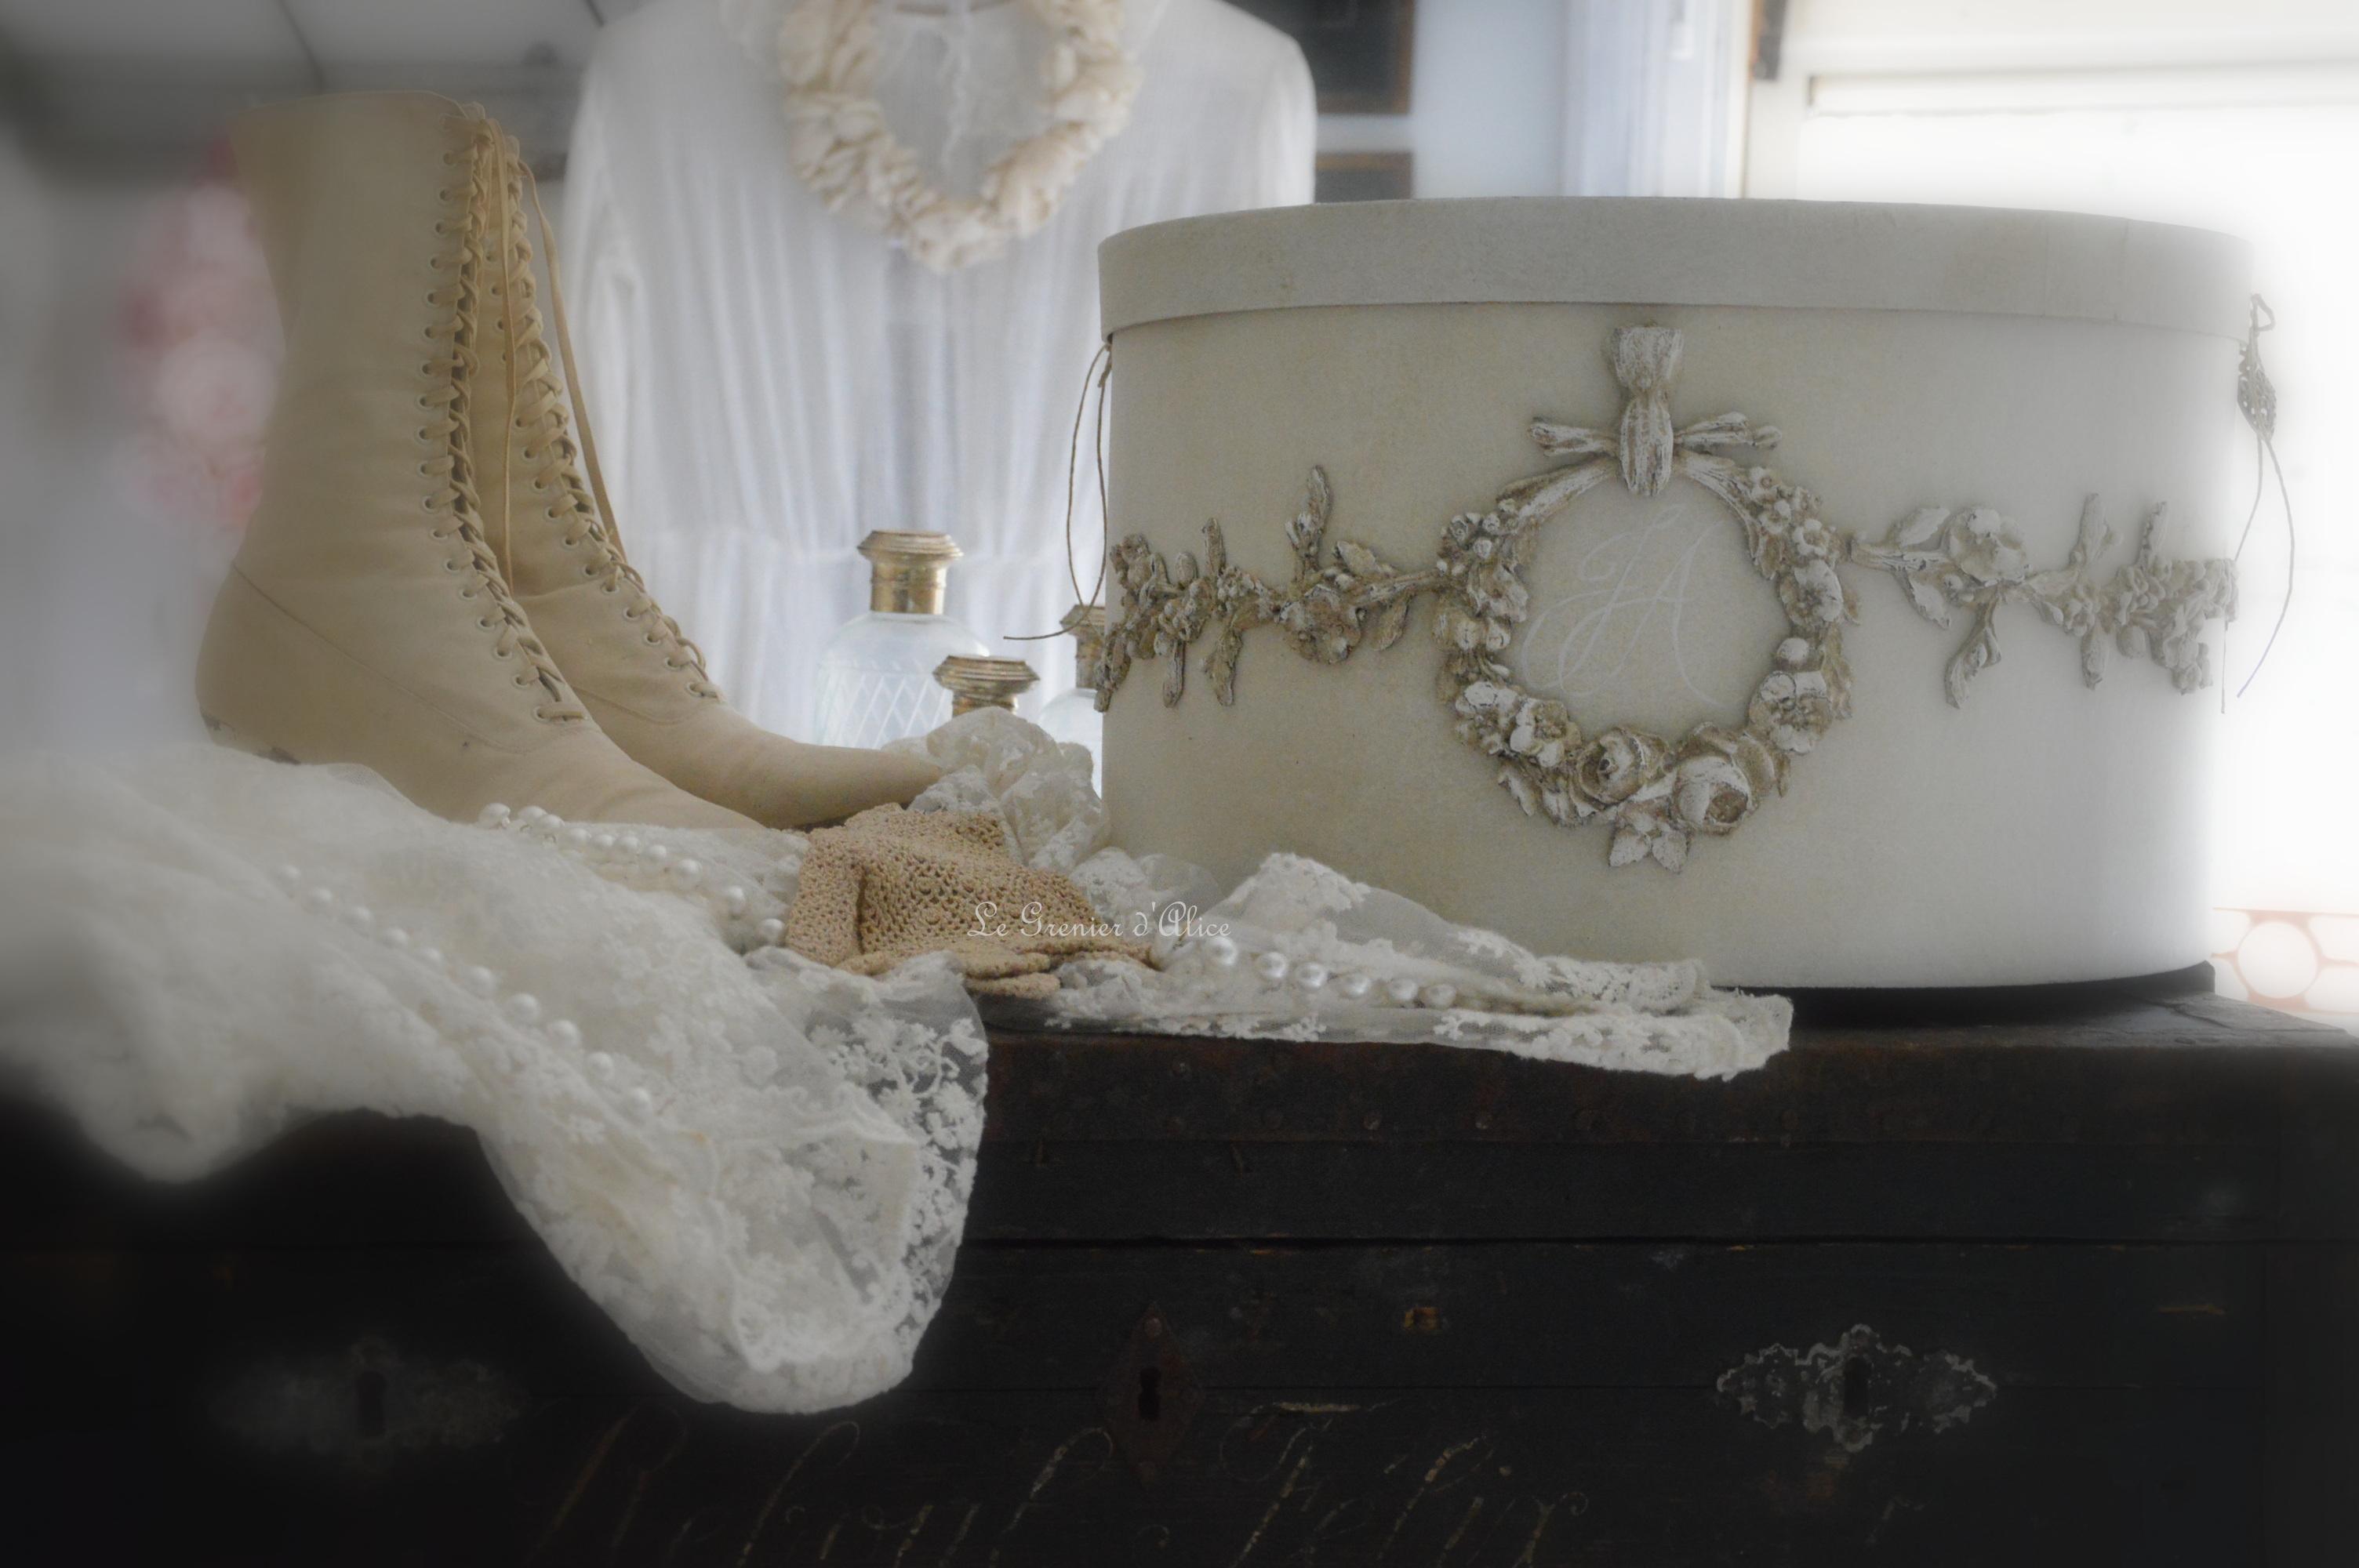 Urne boite mariage wedding box boite shabby chic et romantique noces création le grenier dalice 2